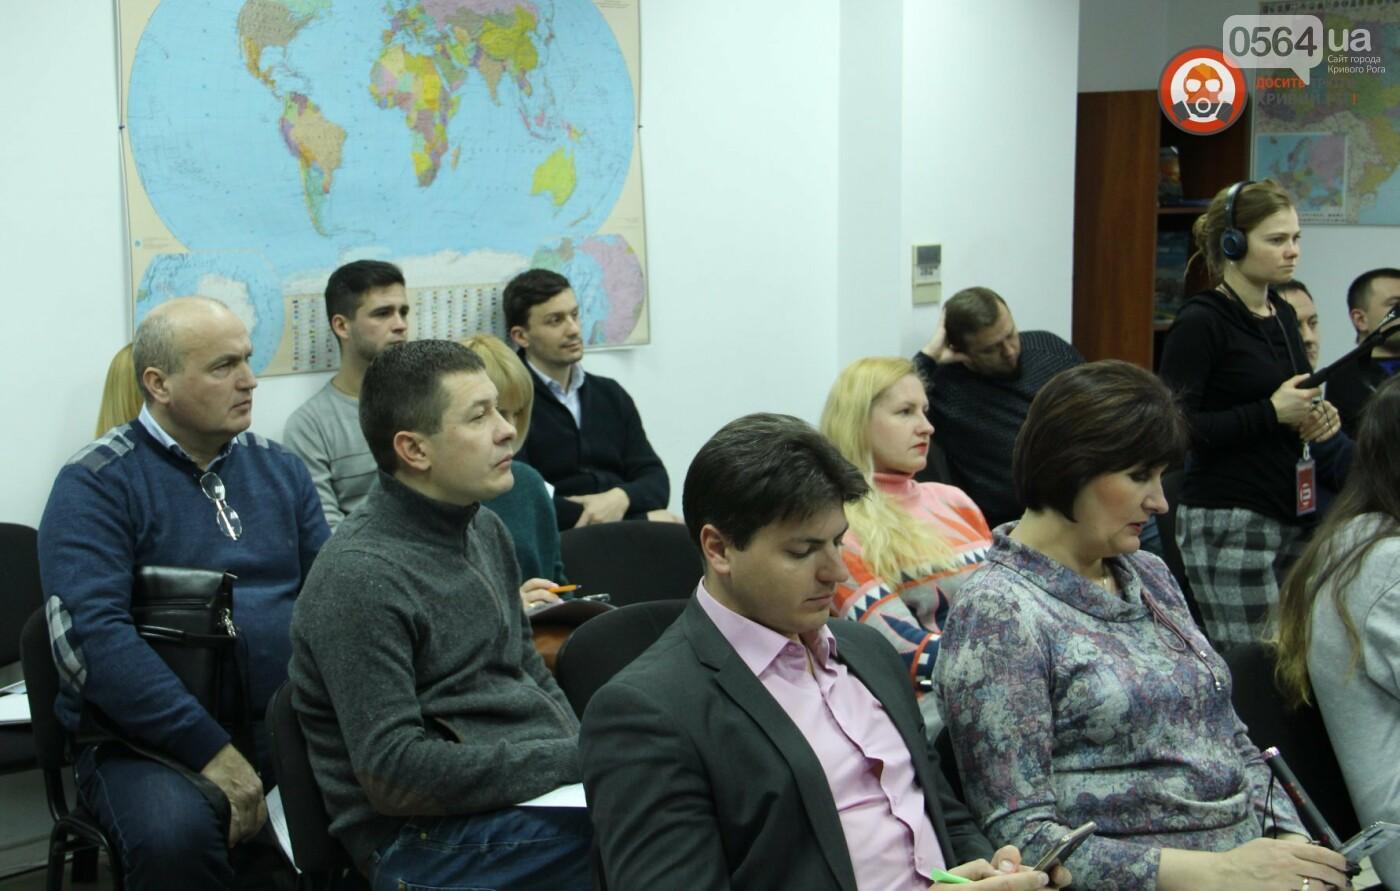 В Кривом Роге презентовали результаты исследований международной команды экологов, - ФОТО, ВИДЕО, фото-4